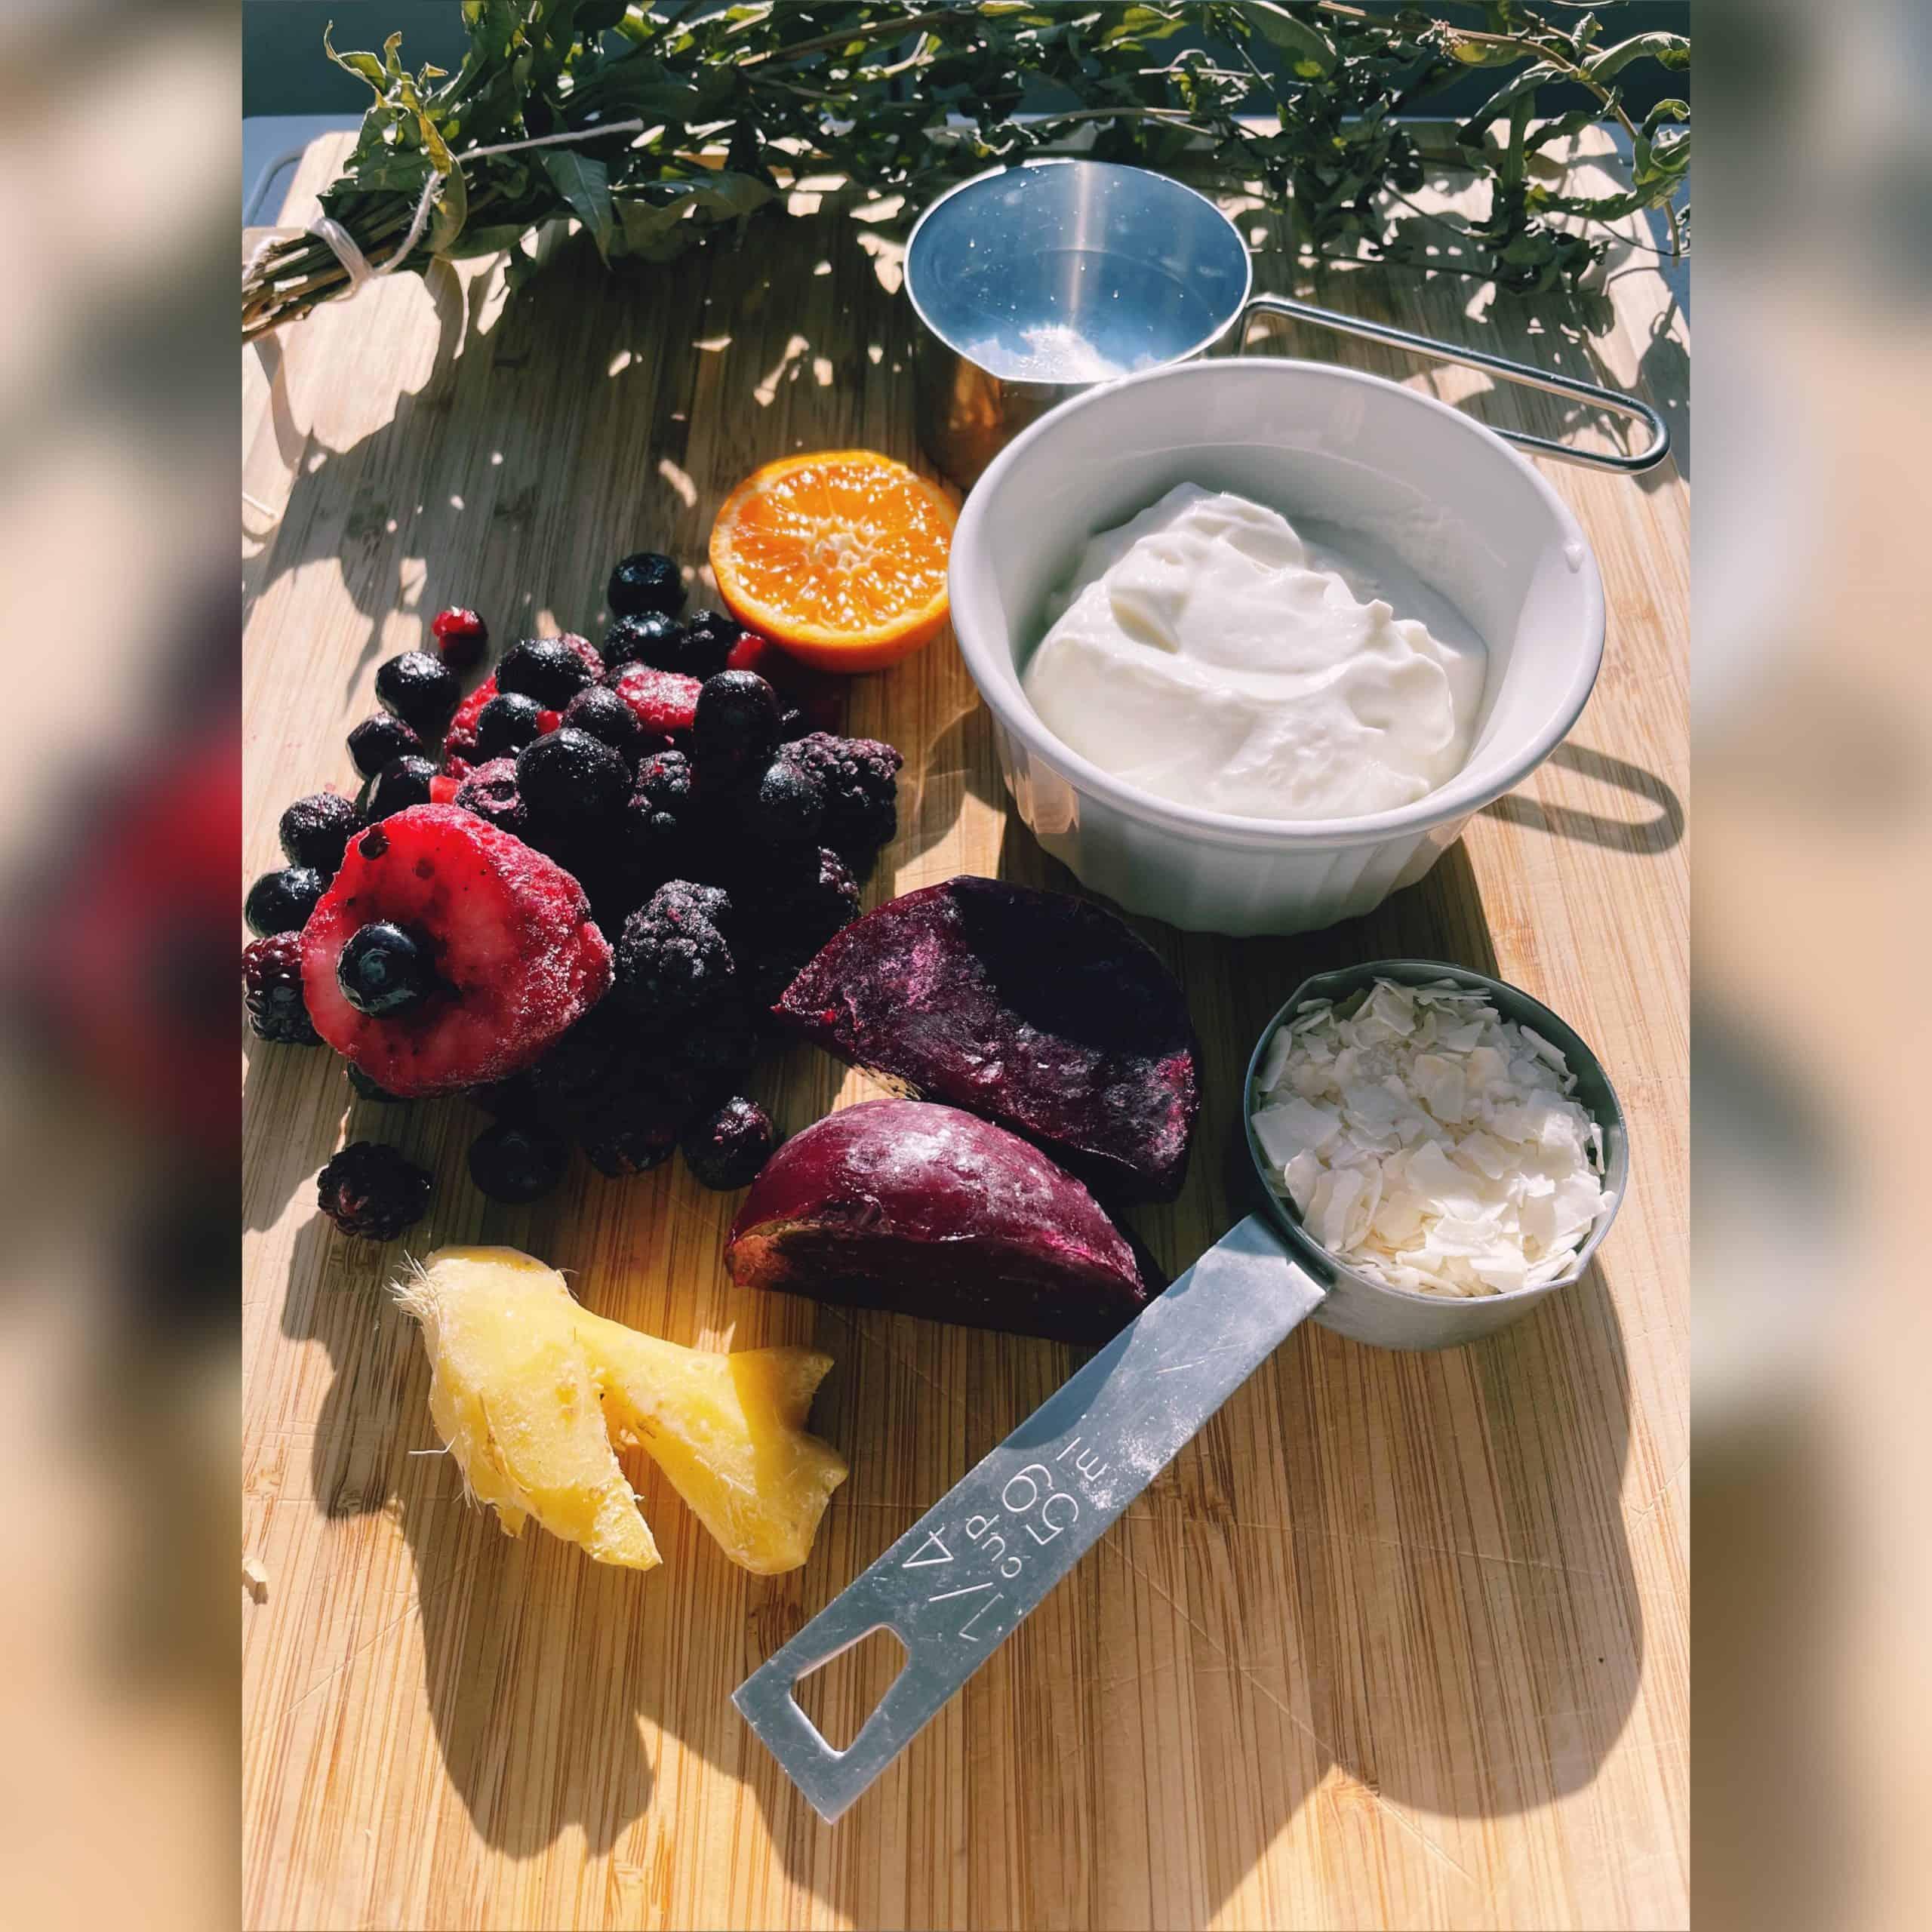 Beet Smoothie Ingredients